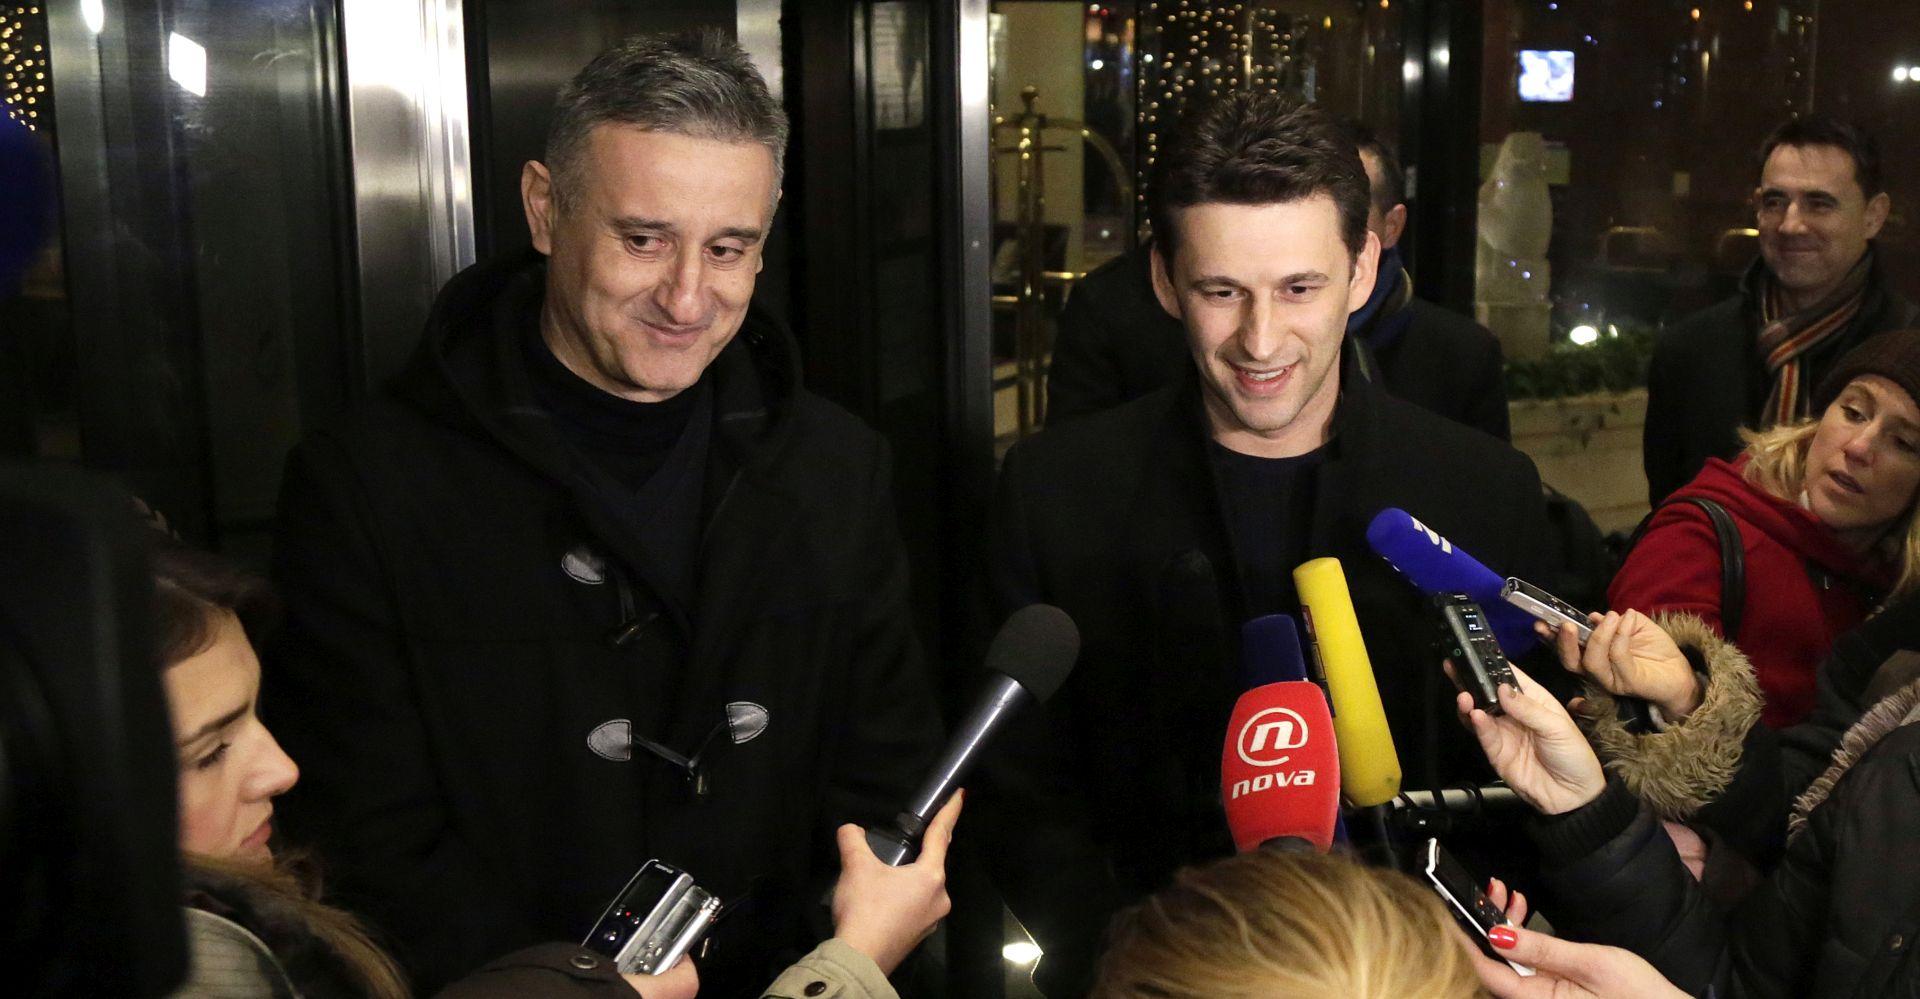 ANKETA RTL-A Gotovo polovica ispitanika ne vjeruje u dugotrajnost vlade HDZ-a i MOST-a